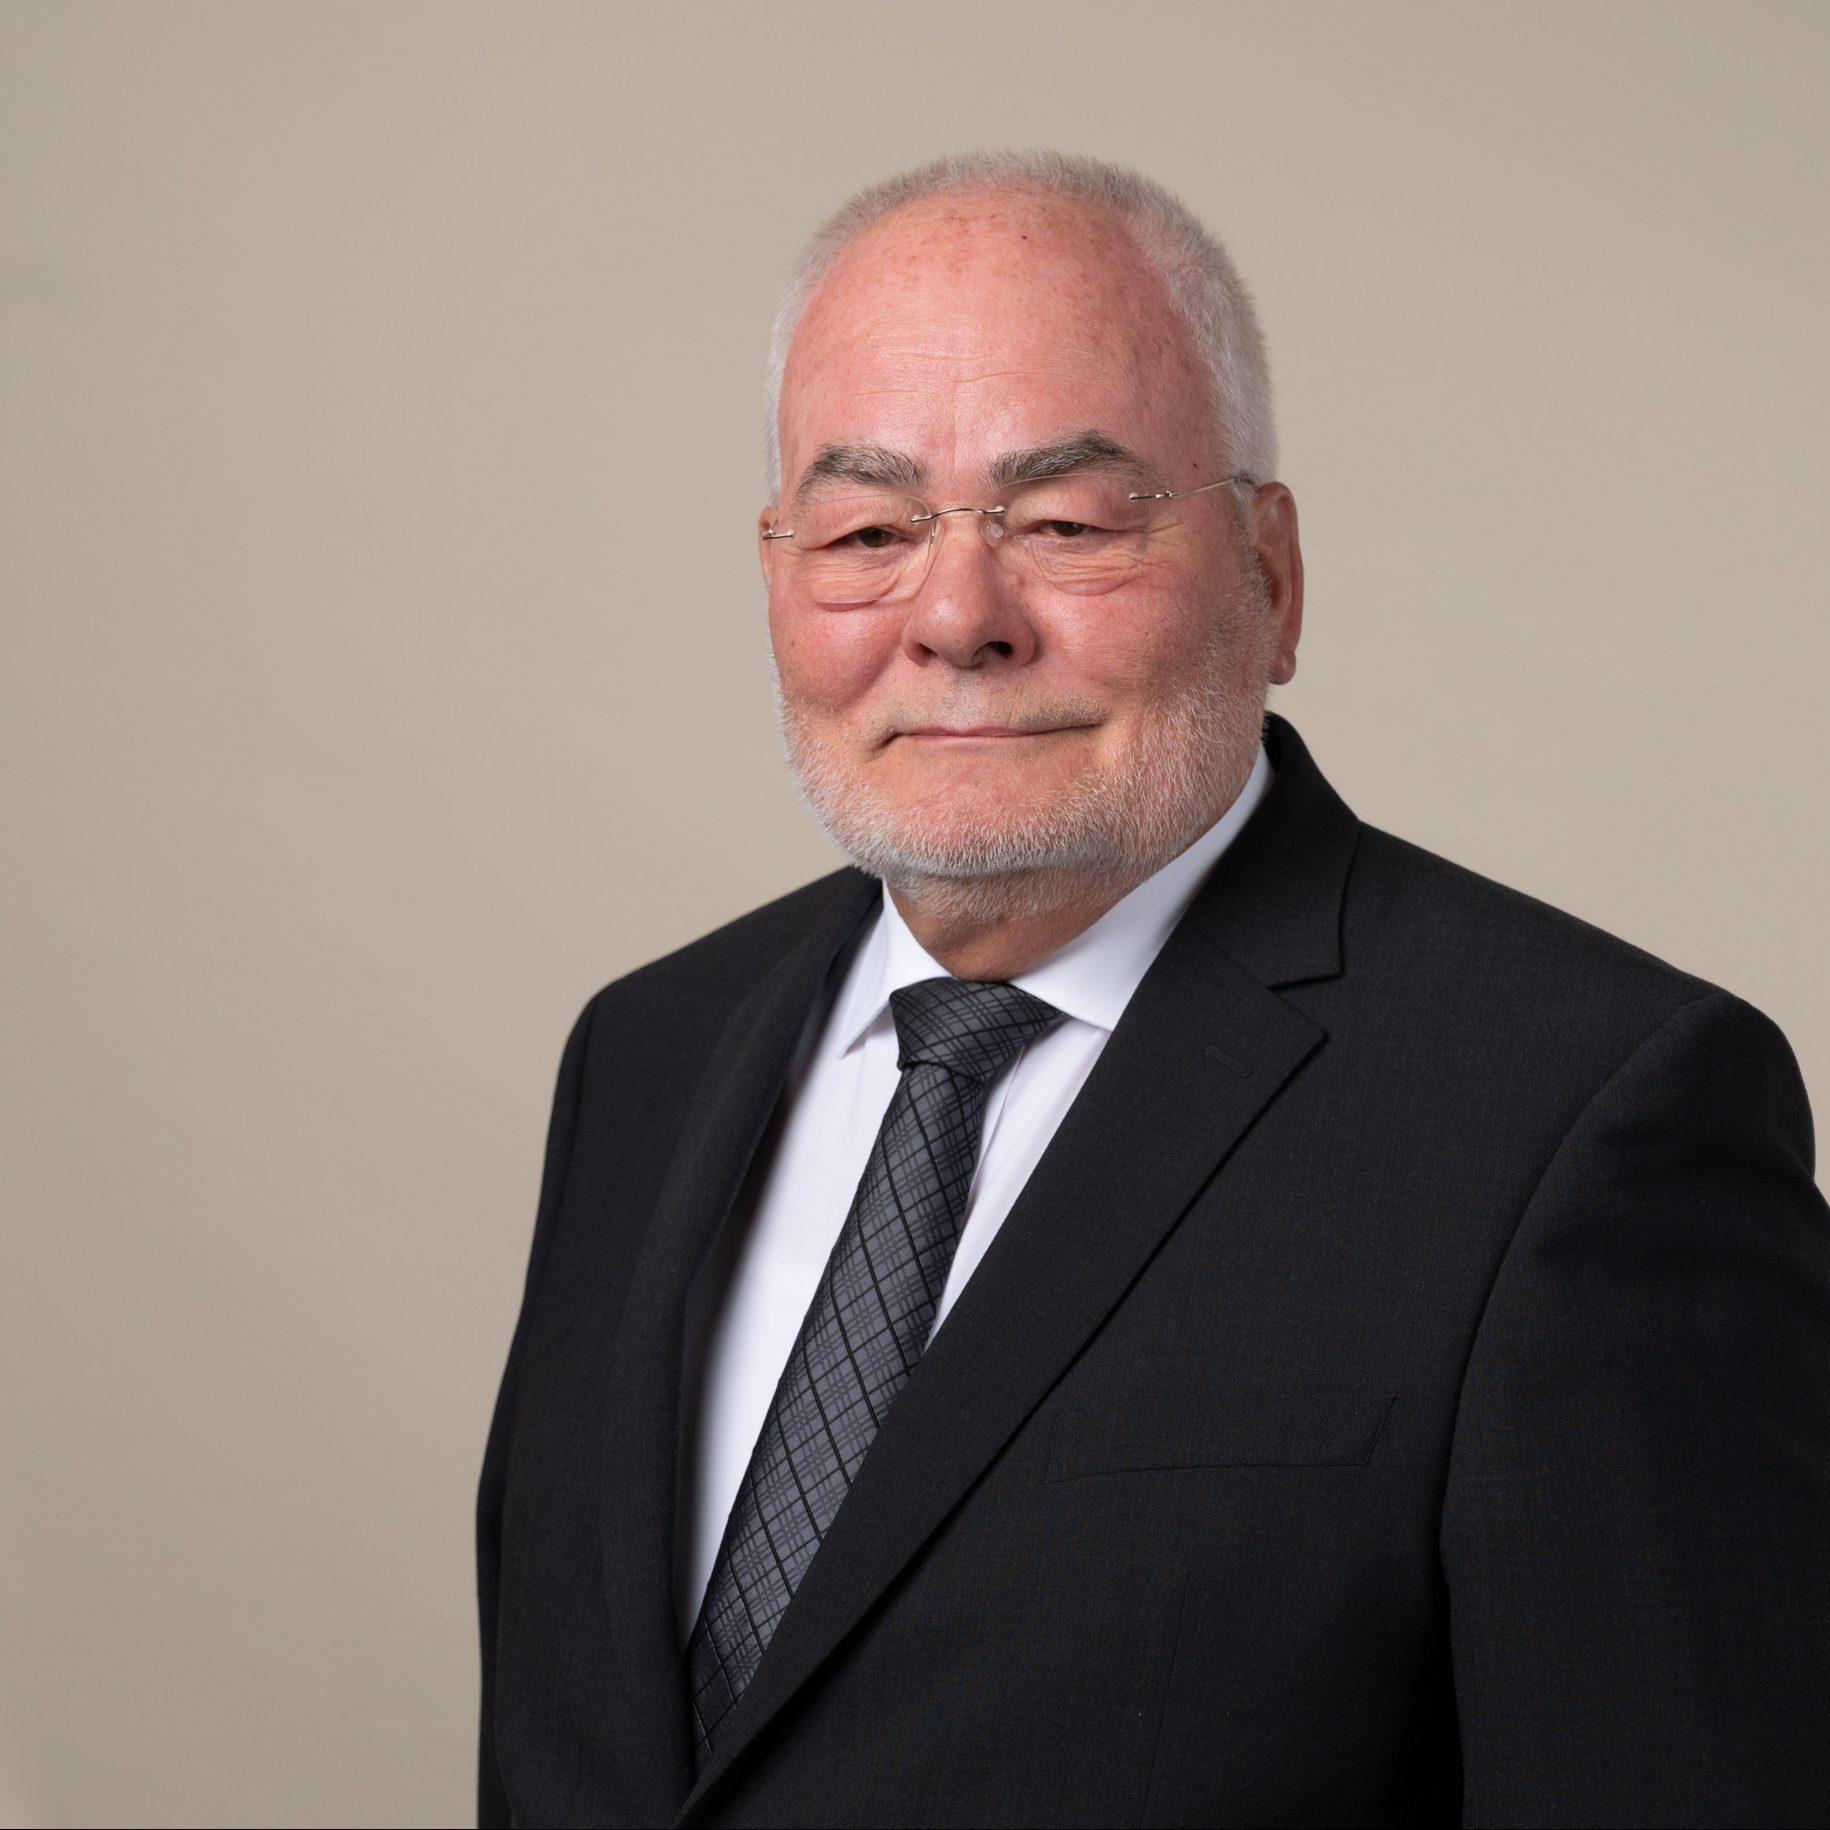 Hans-Werner Giehl